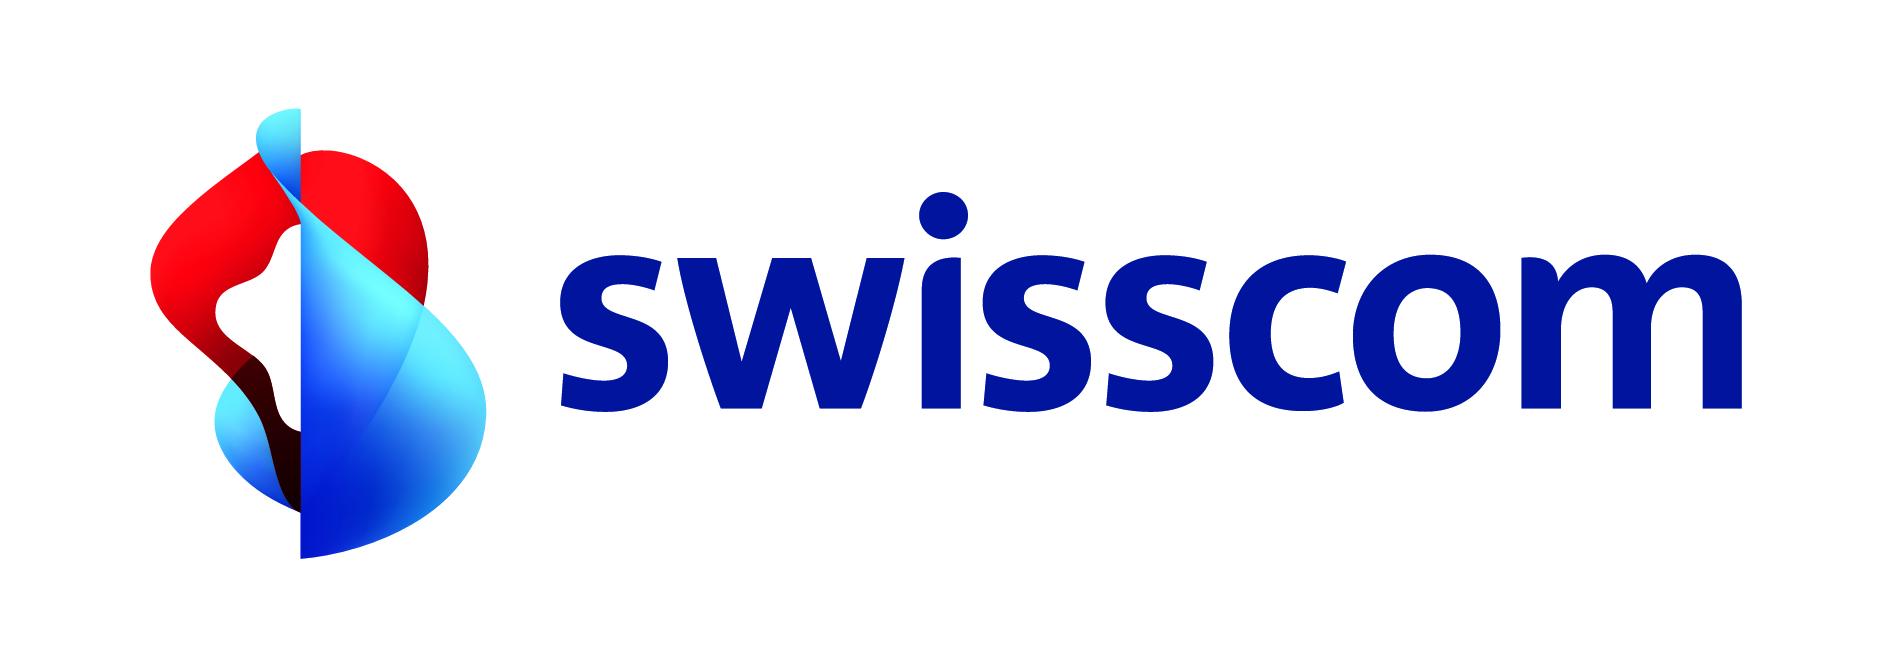 Swisscom: Gemeinsam begeistern wir Menschen in der vernetzten Welt.